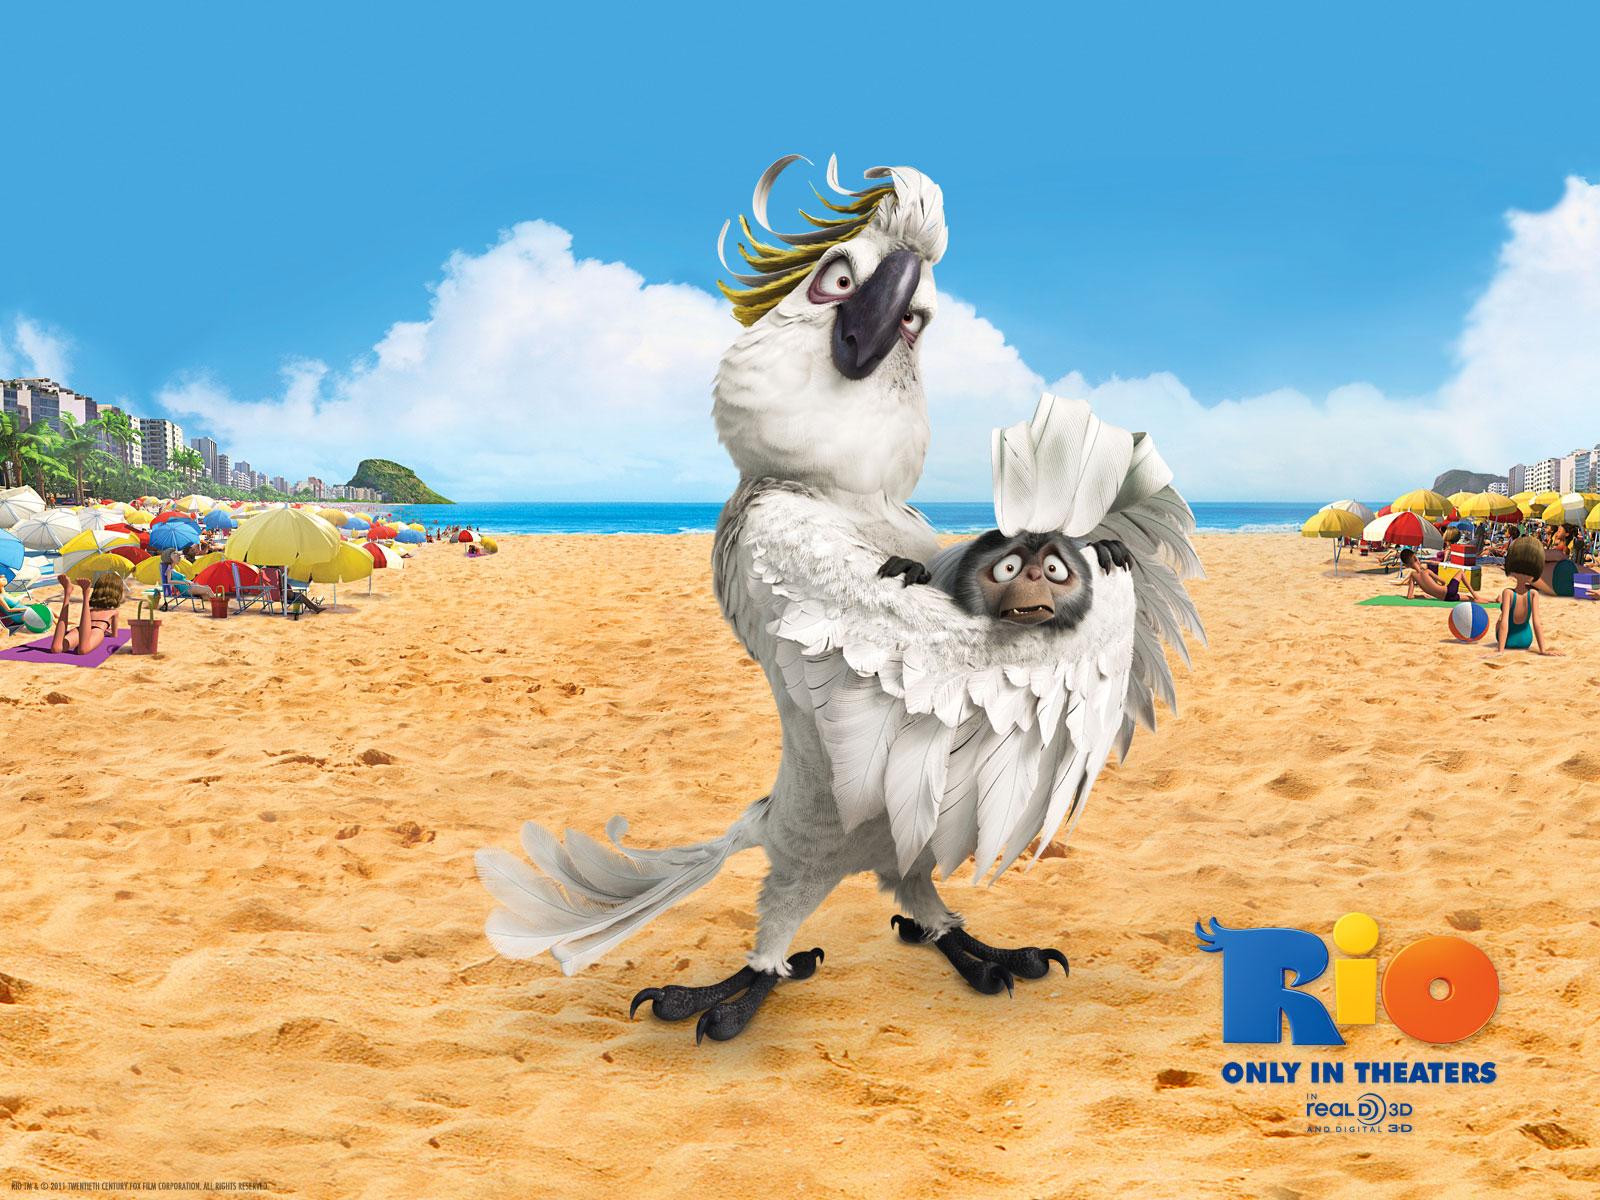 Rio Movie wallpaper 4